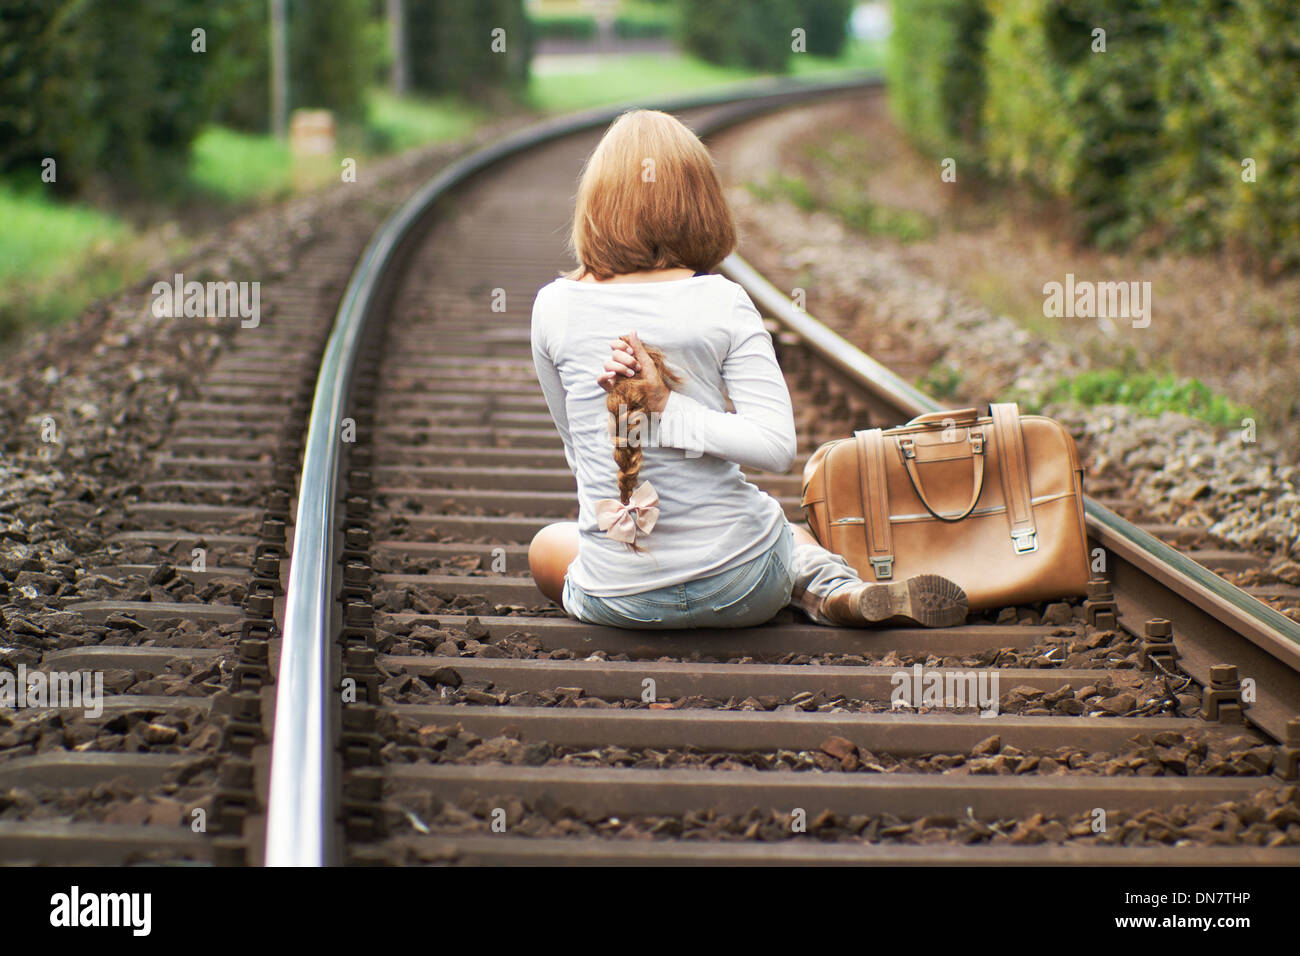 La donna si siede sul binario ferroviario con tagliare la spiralina a portata di mano Immagini Stock